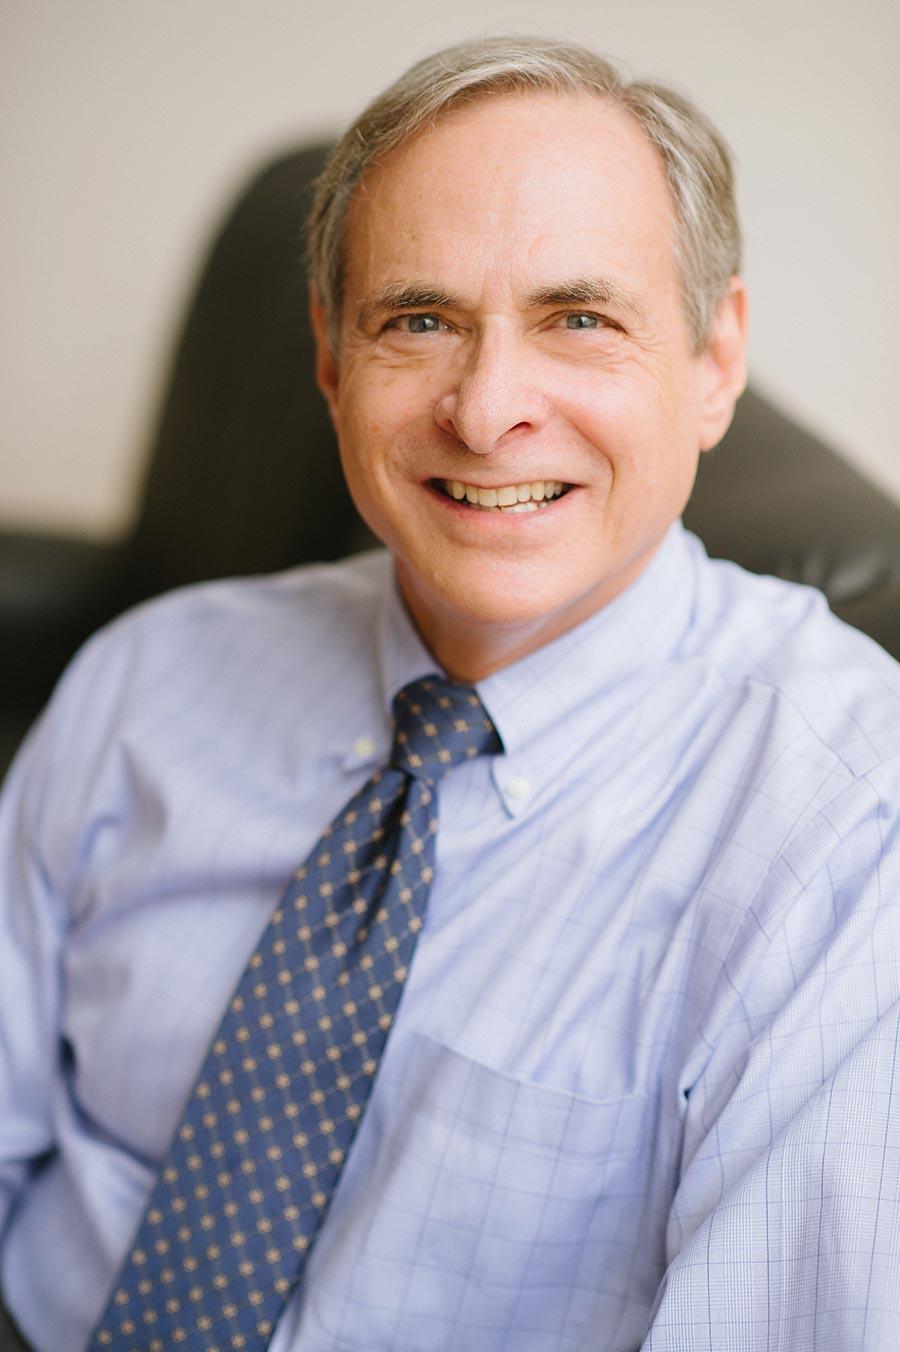 Bruce Greyson, Author